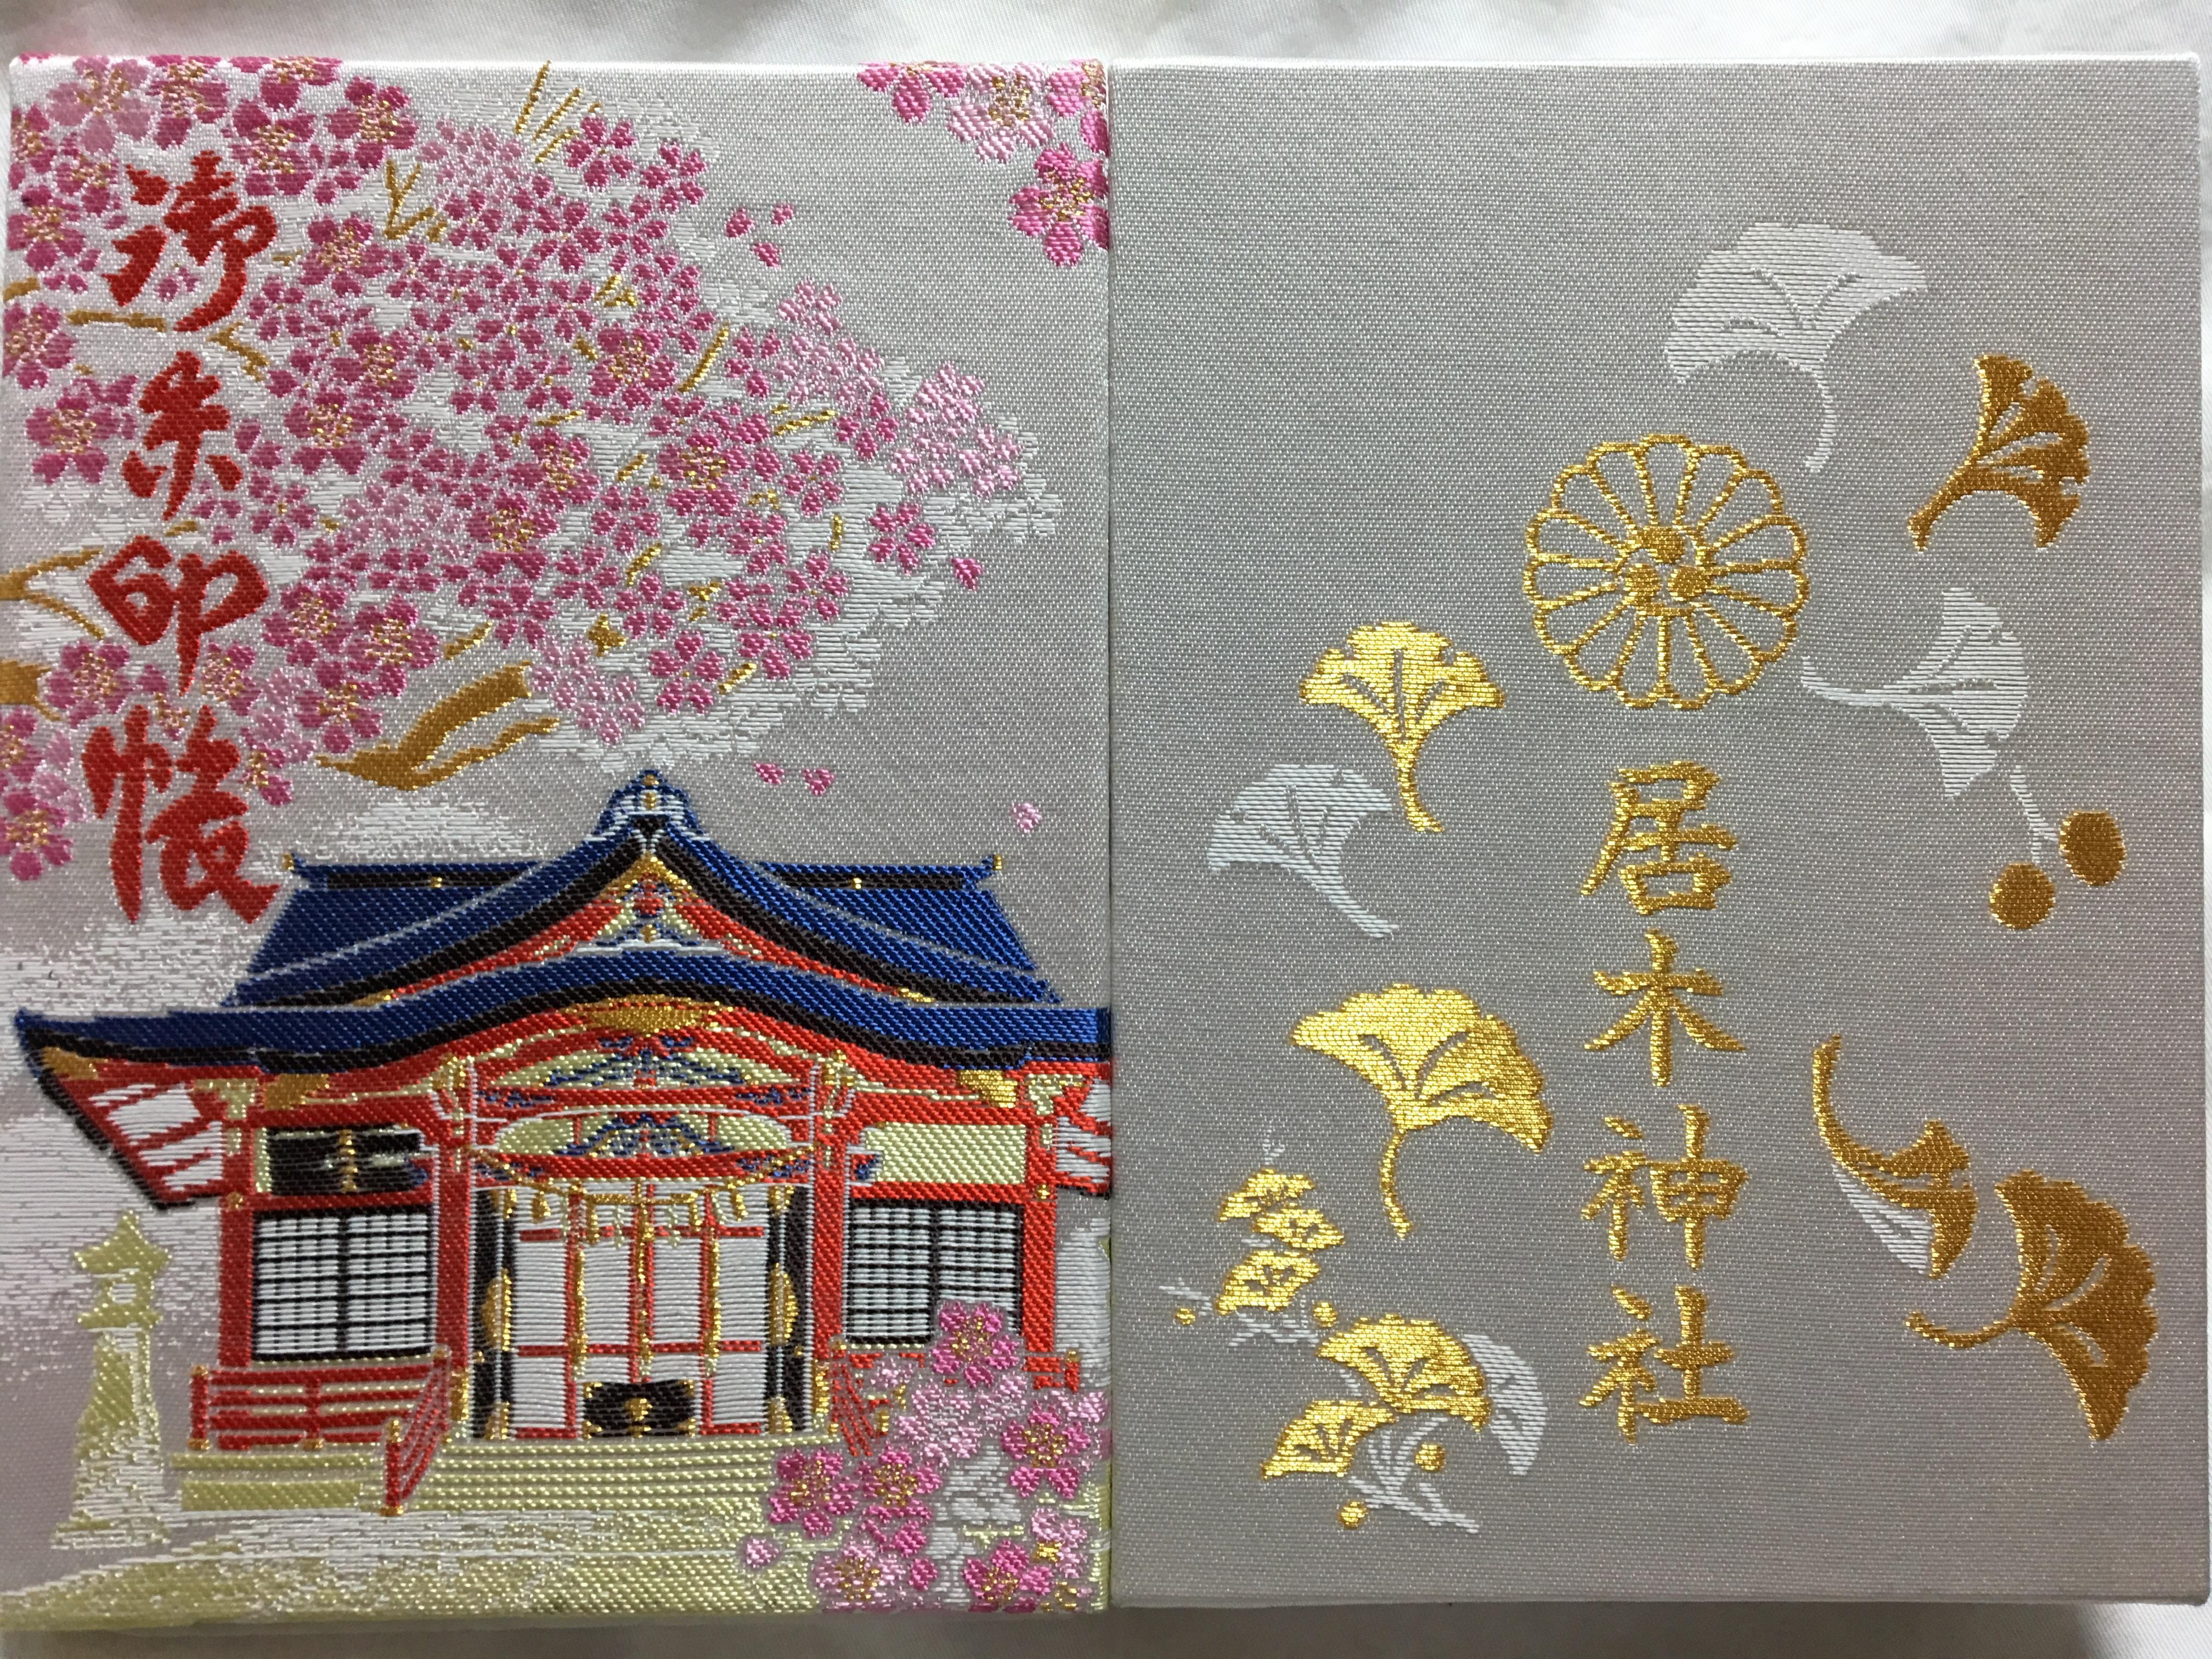 居木神社の御朱印帳